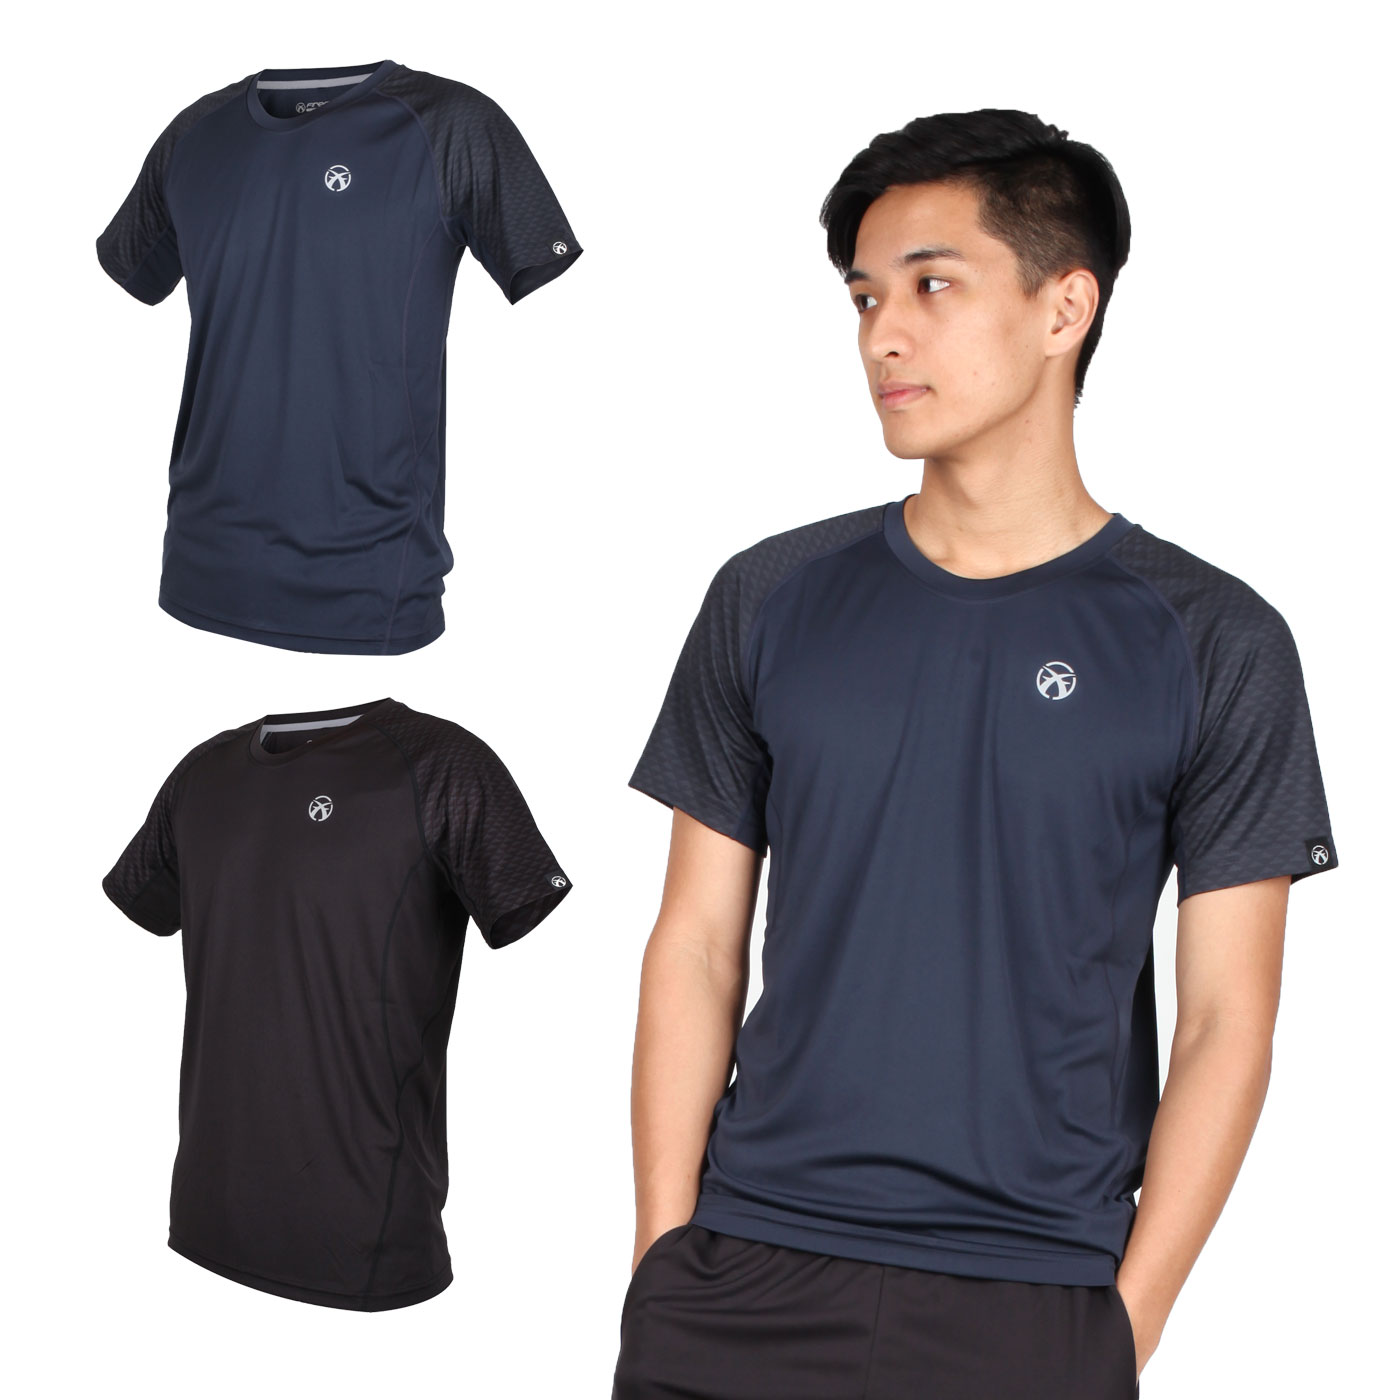 FIRESTAR 男款吸濕排汗圓領短袖T恤 D9235-10